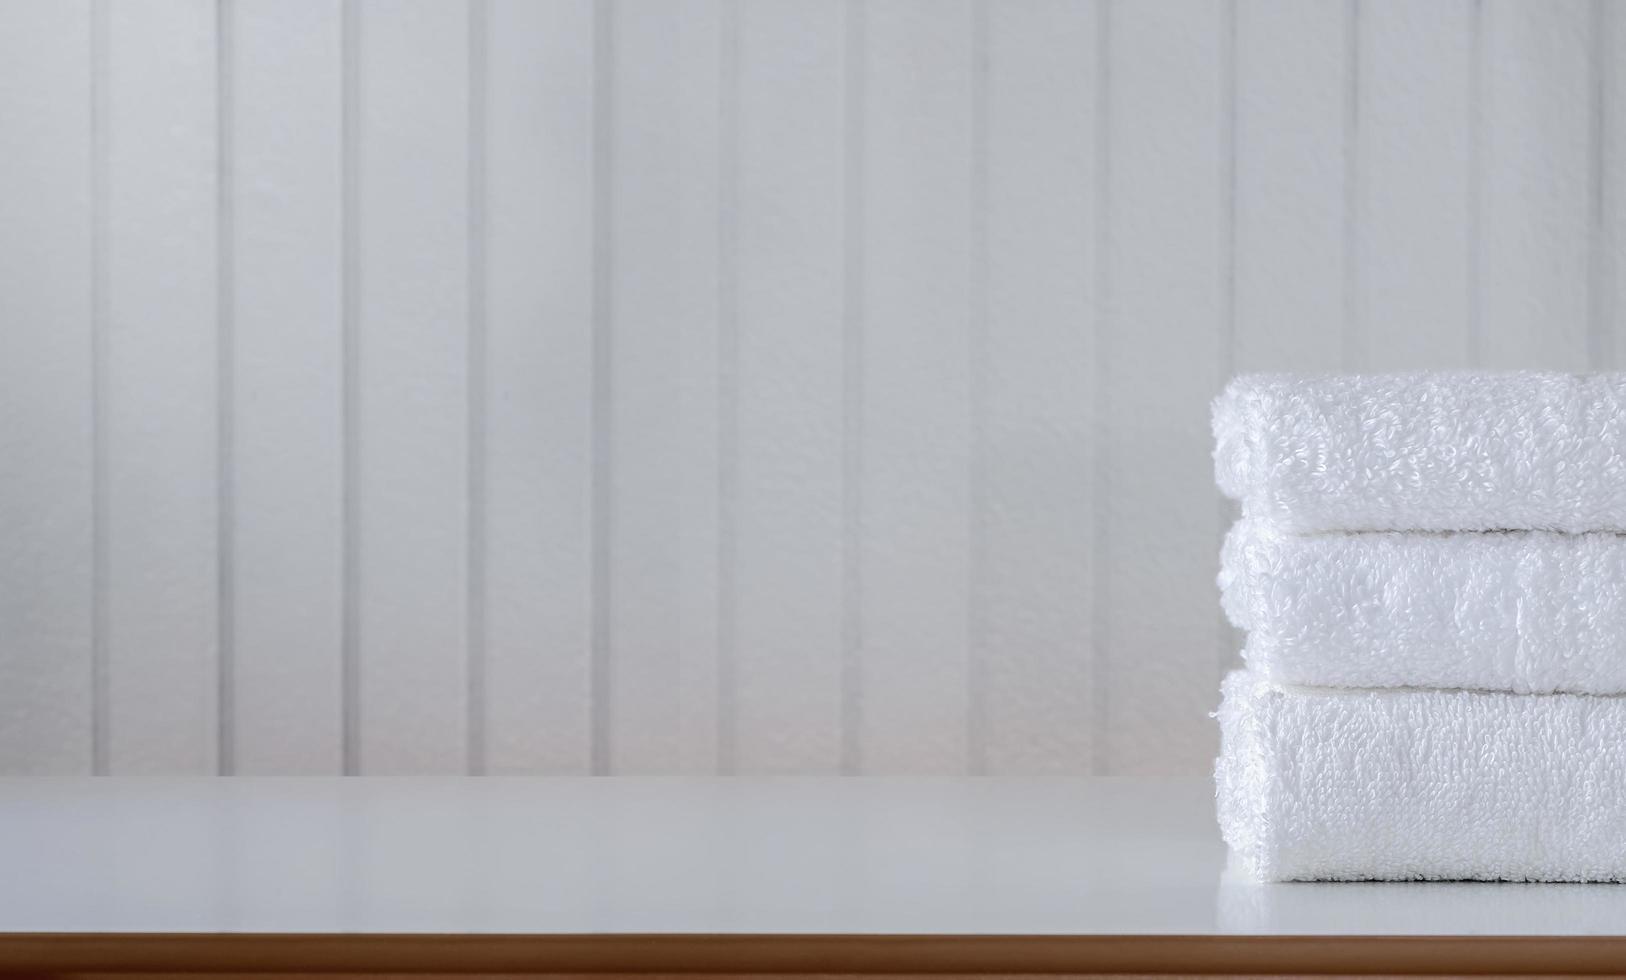 pila di asciugamani bianchi piegati su un tavolo foto